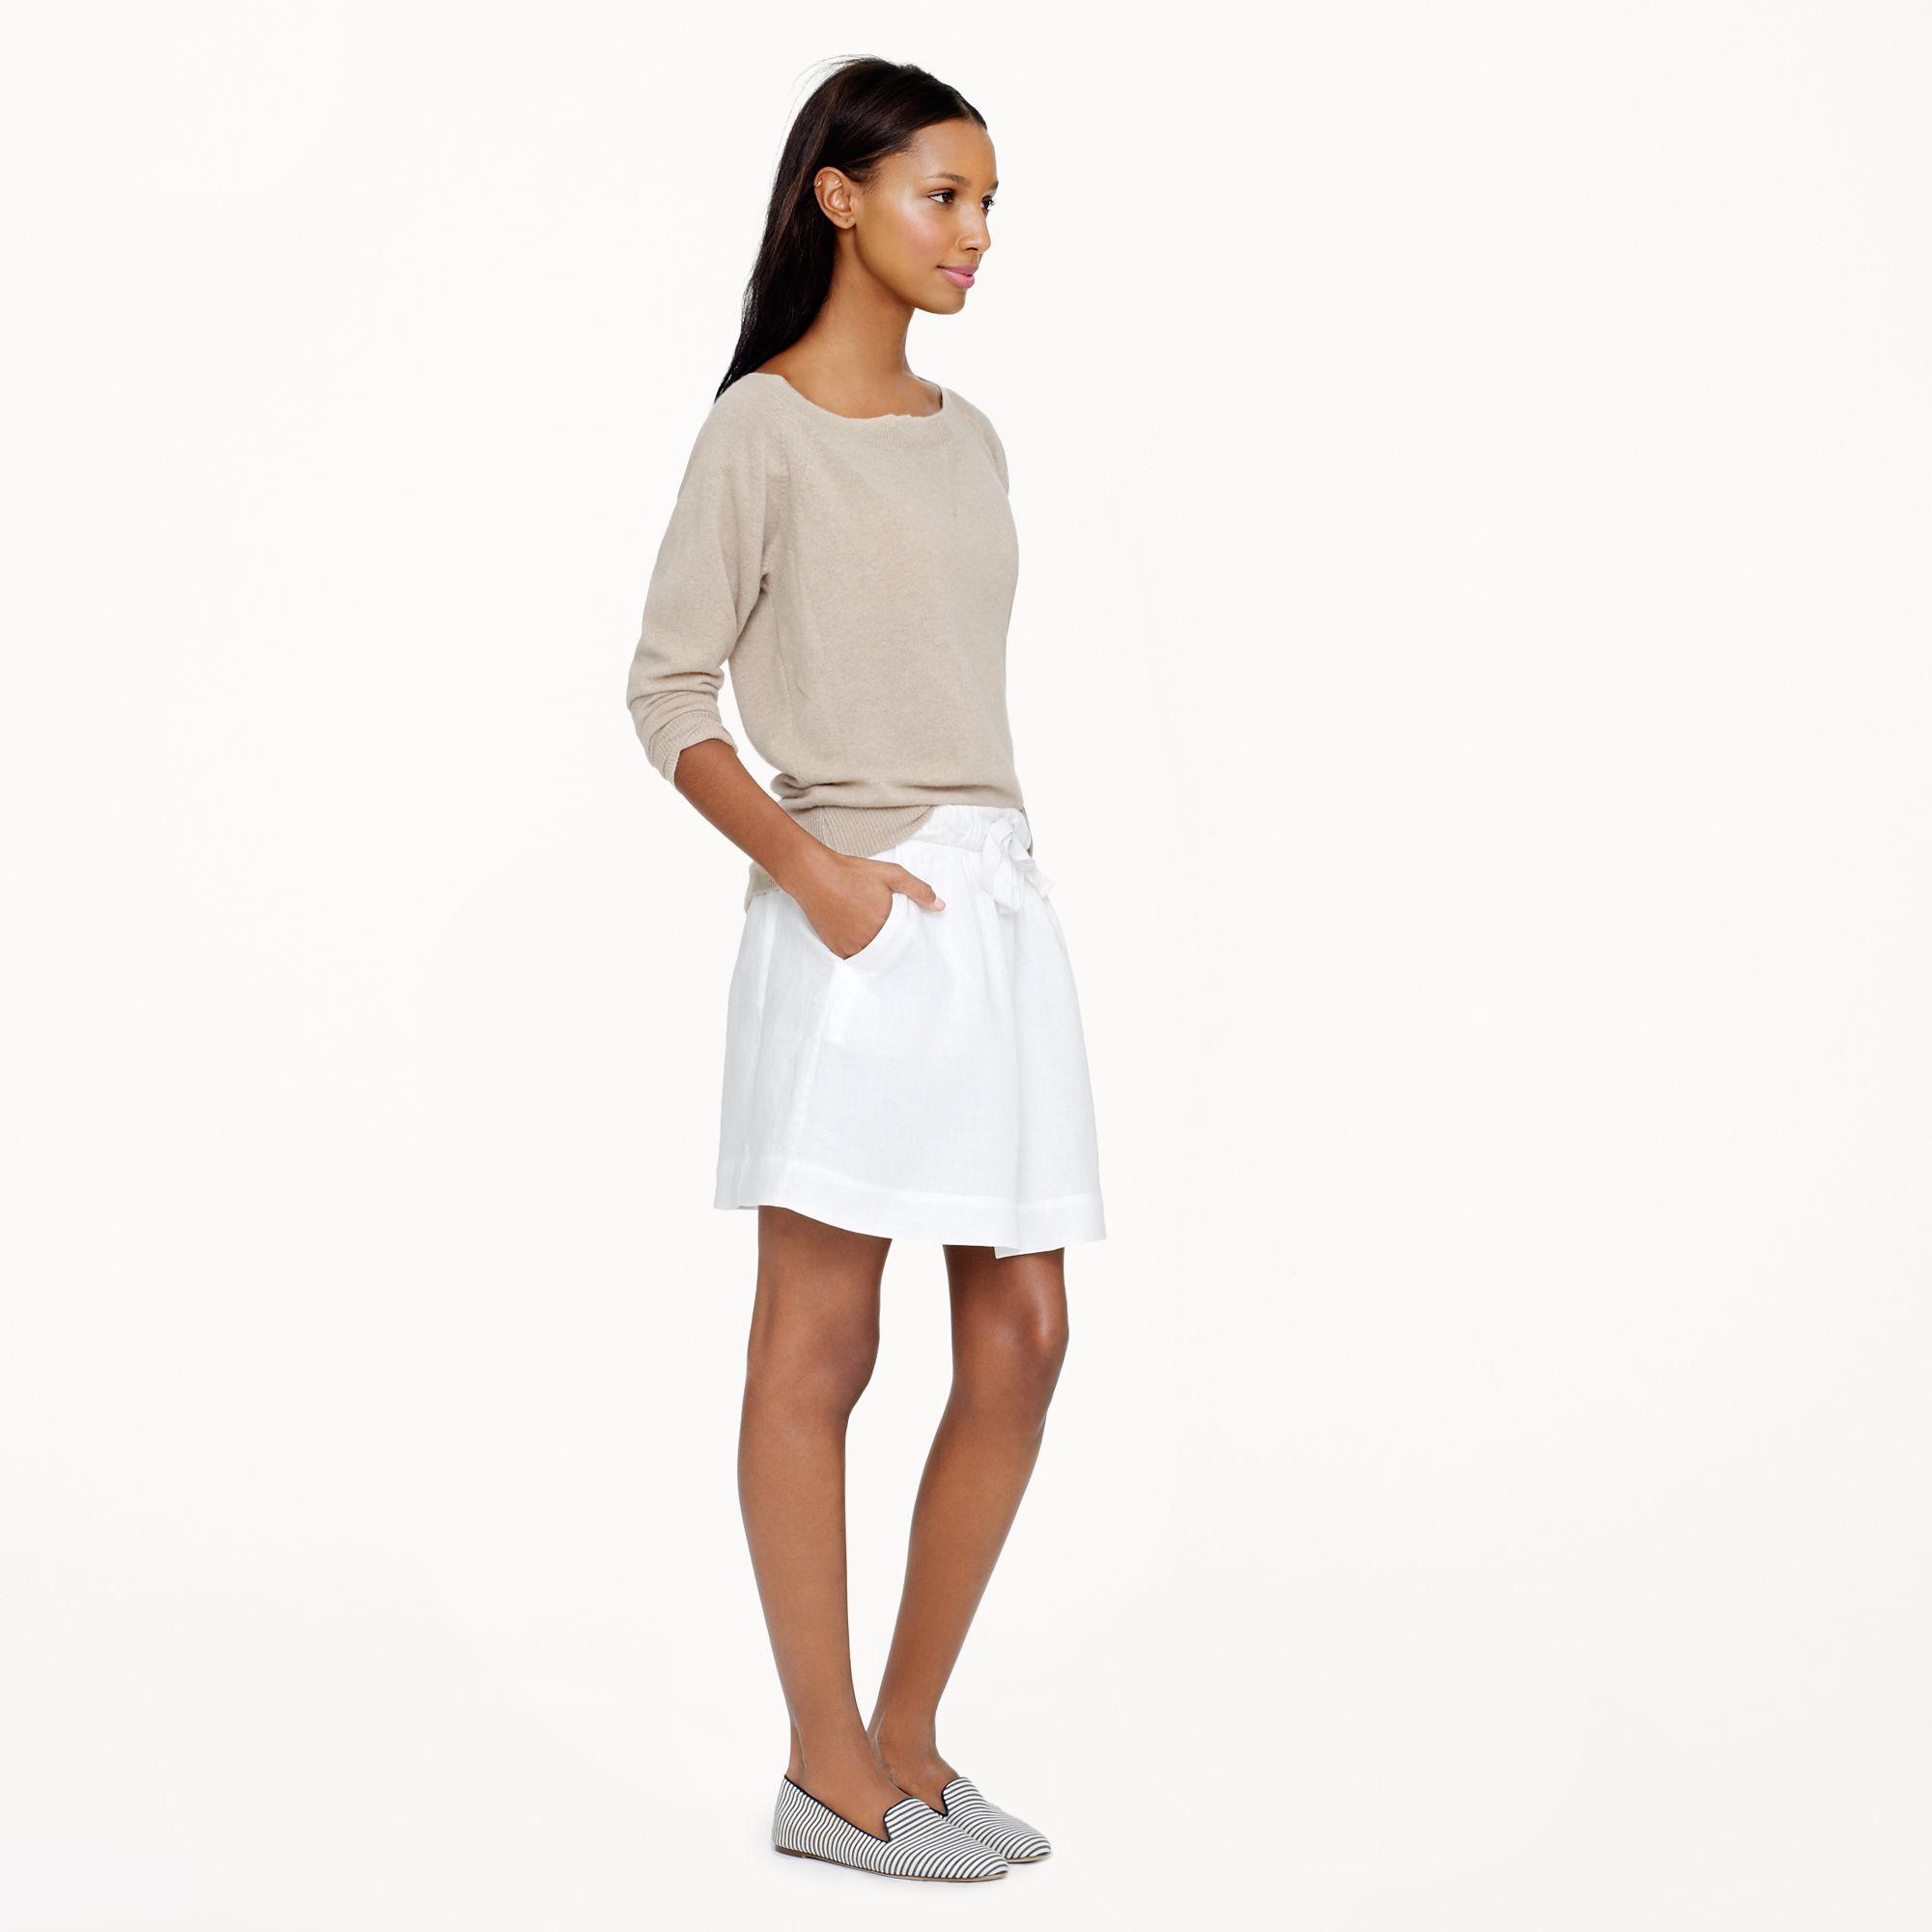 J.crew Boardwalk Linen Skirt in White in White | Lyst